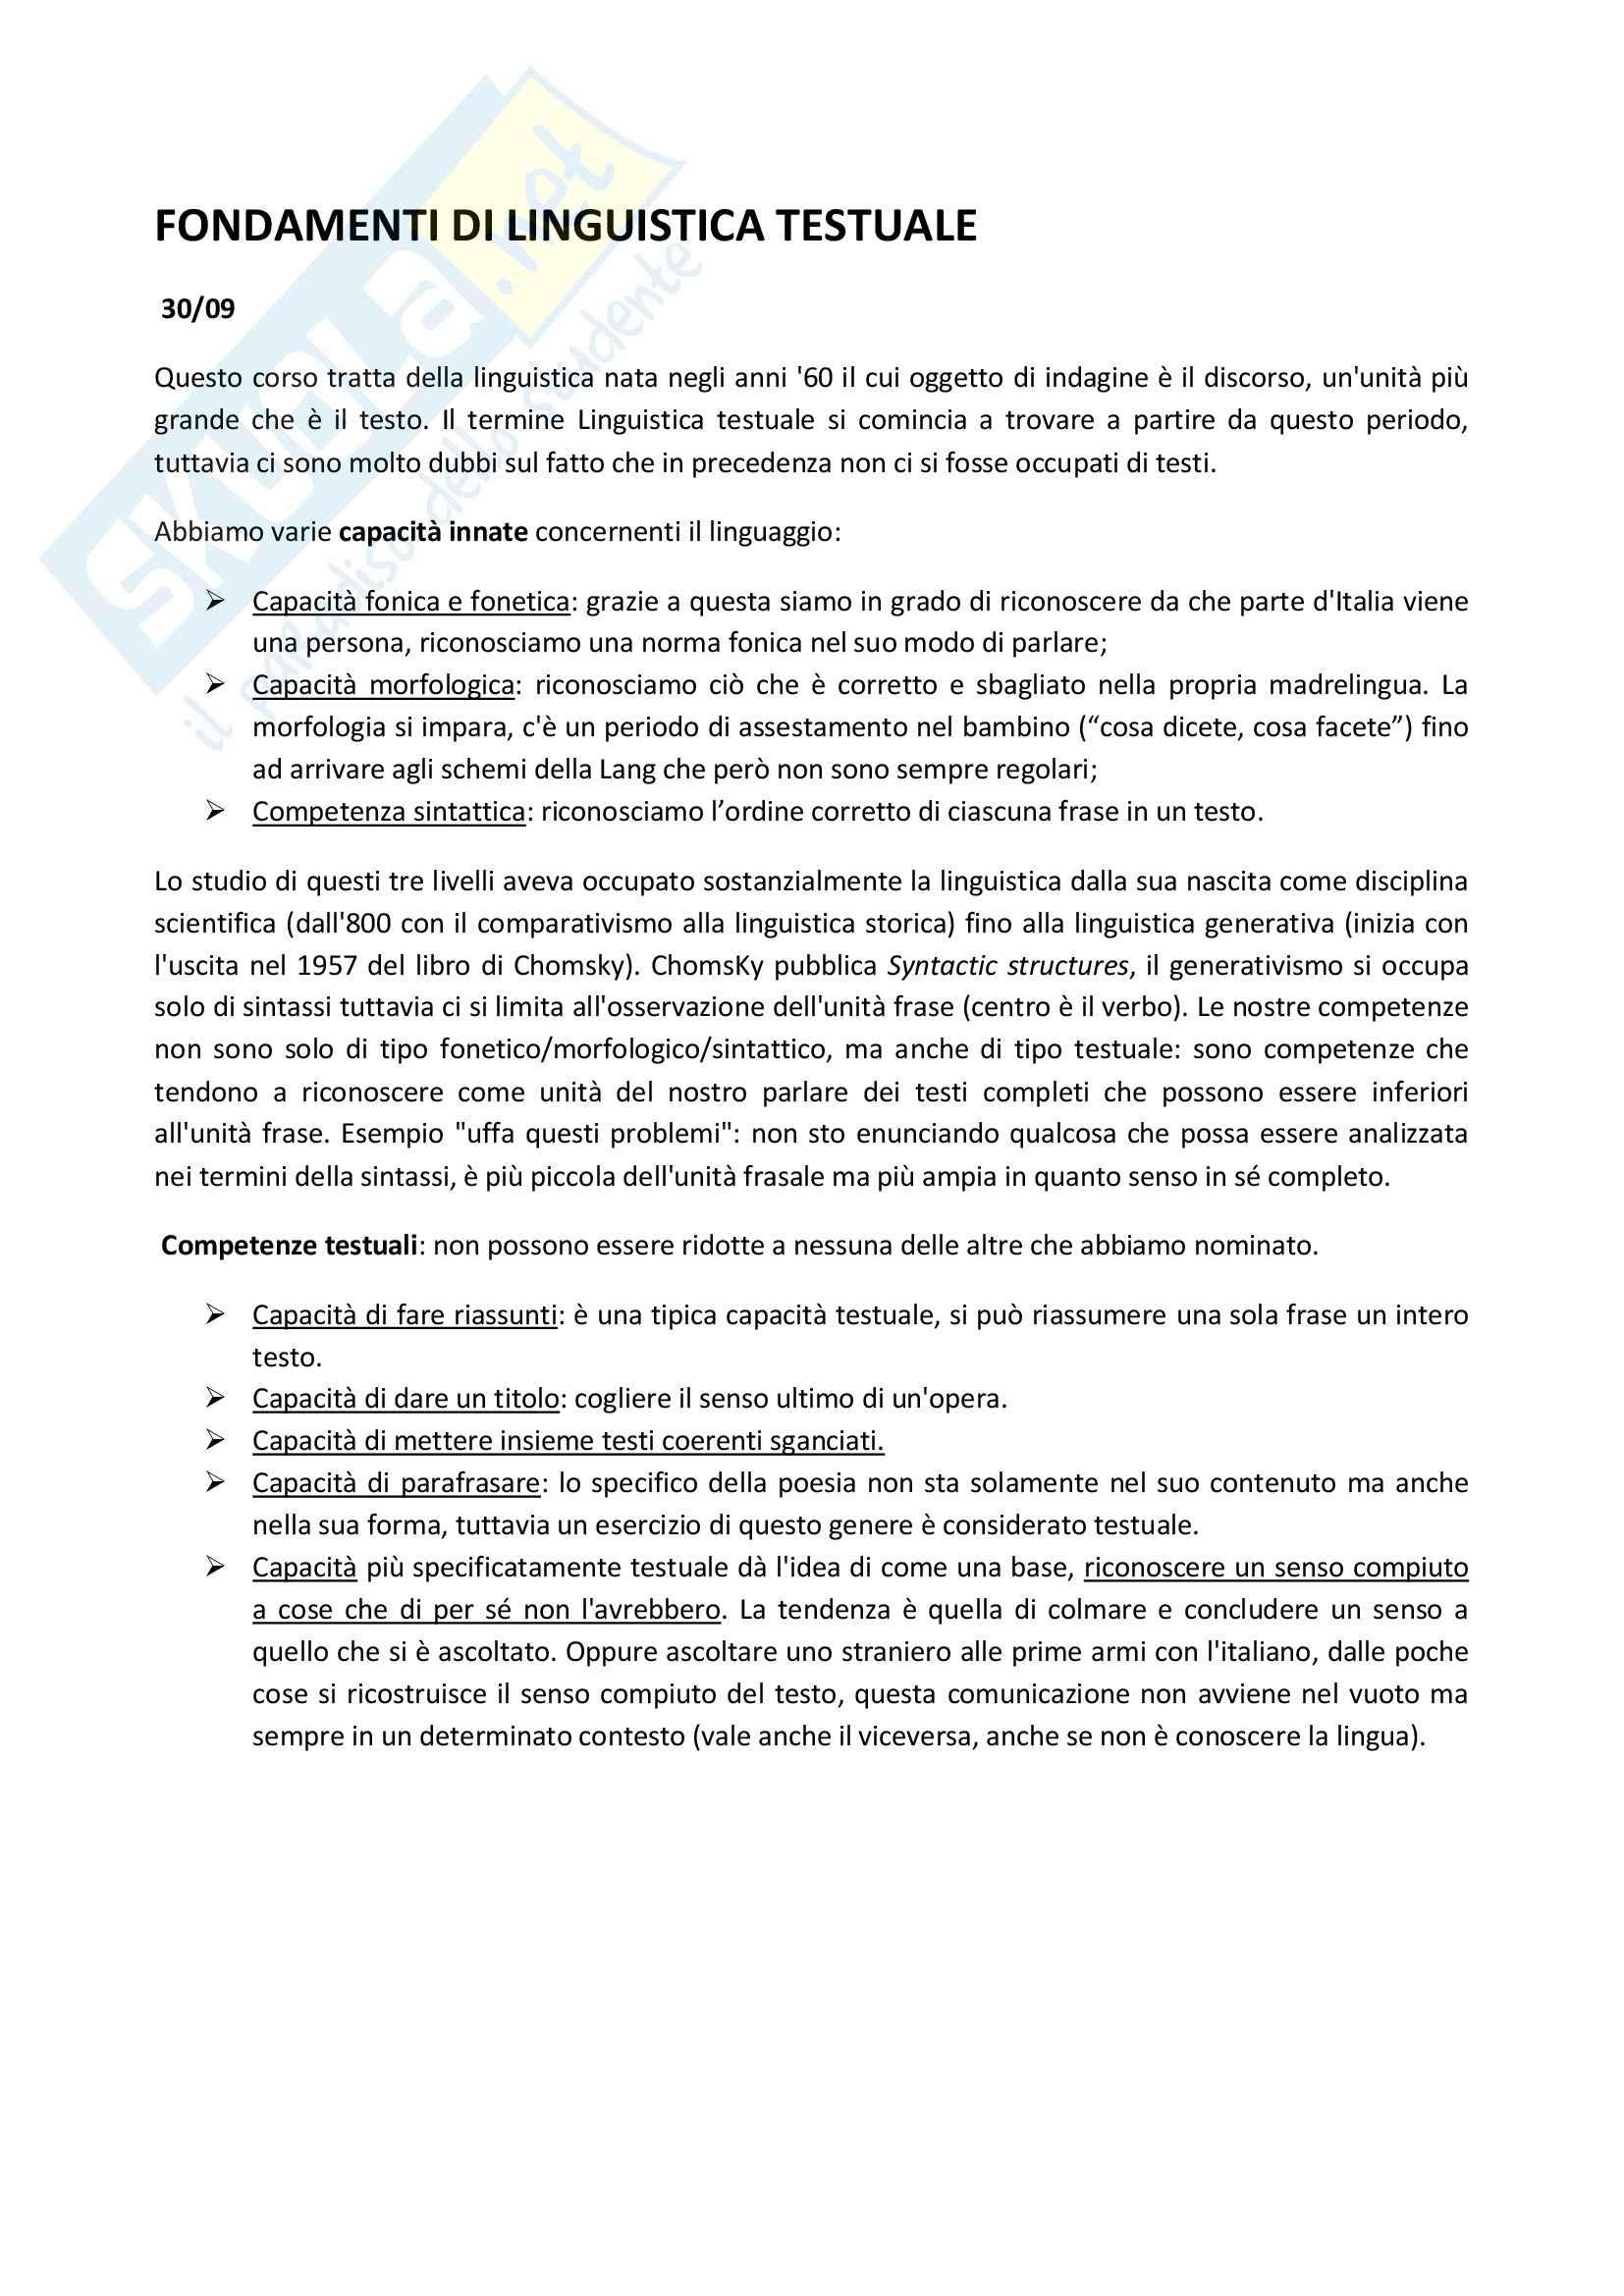 Fondamenti di Linguistica Testuale - Appunti